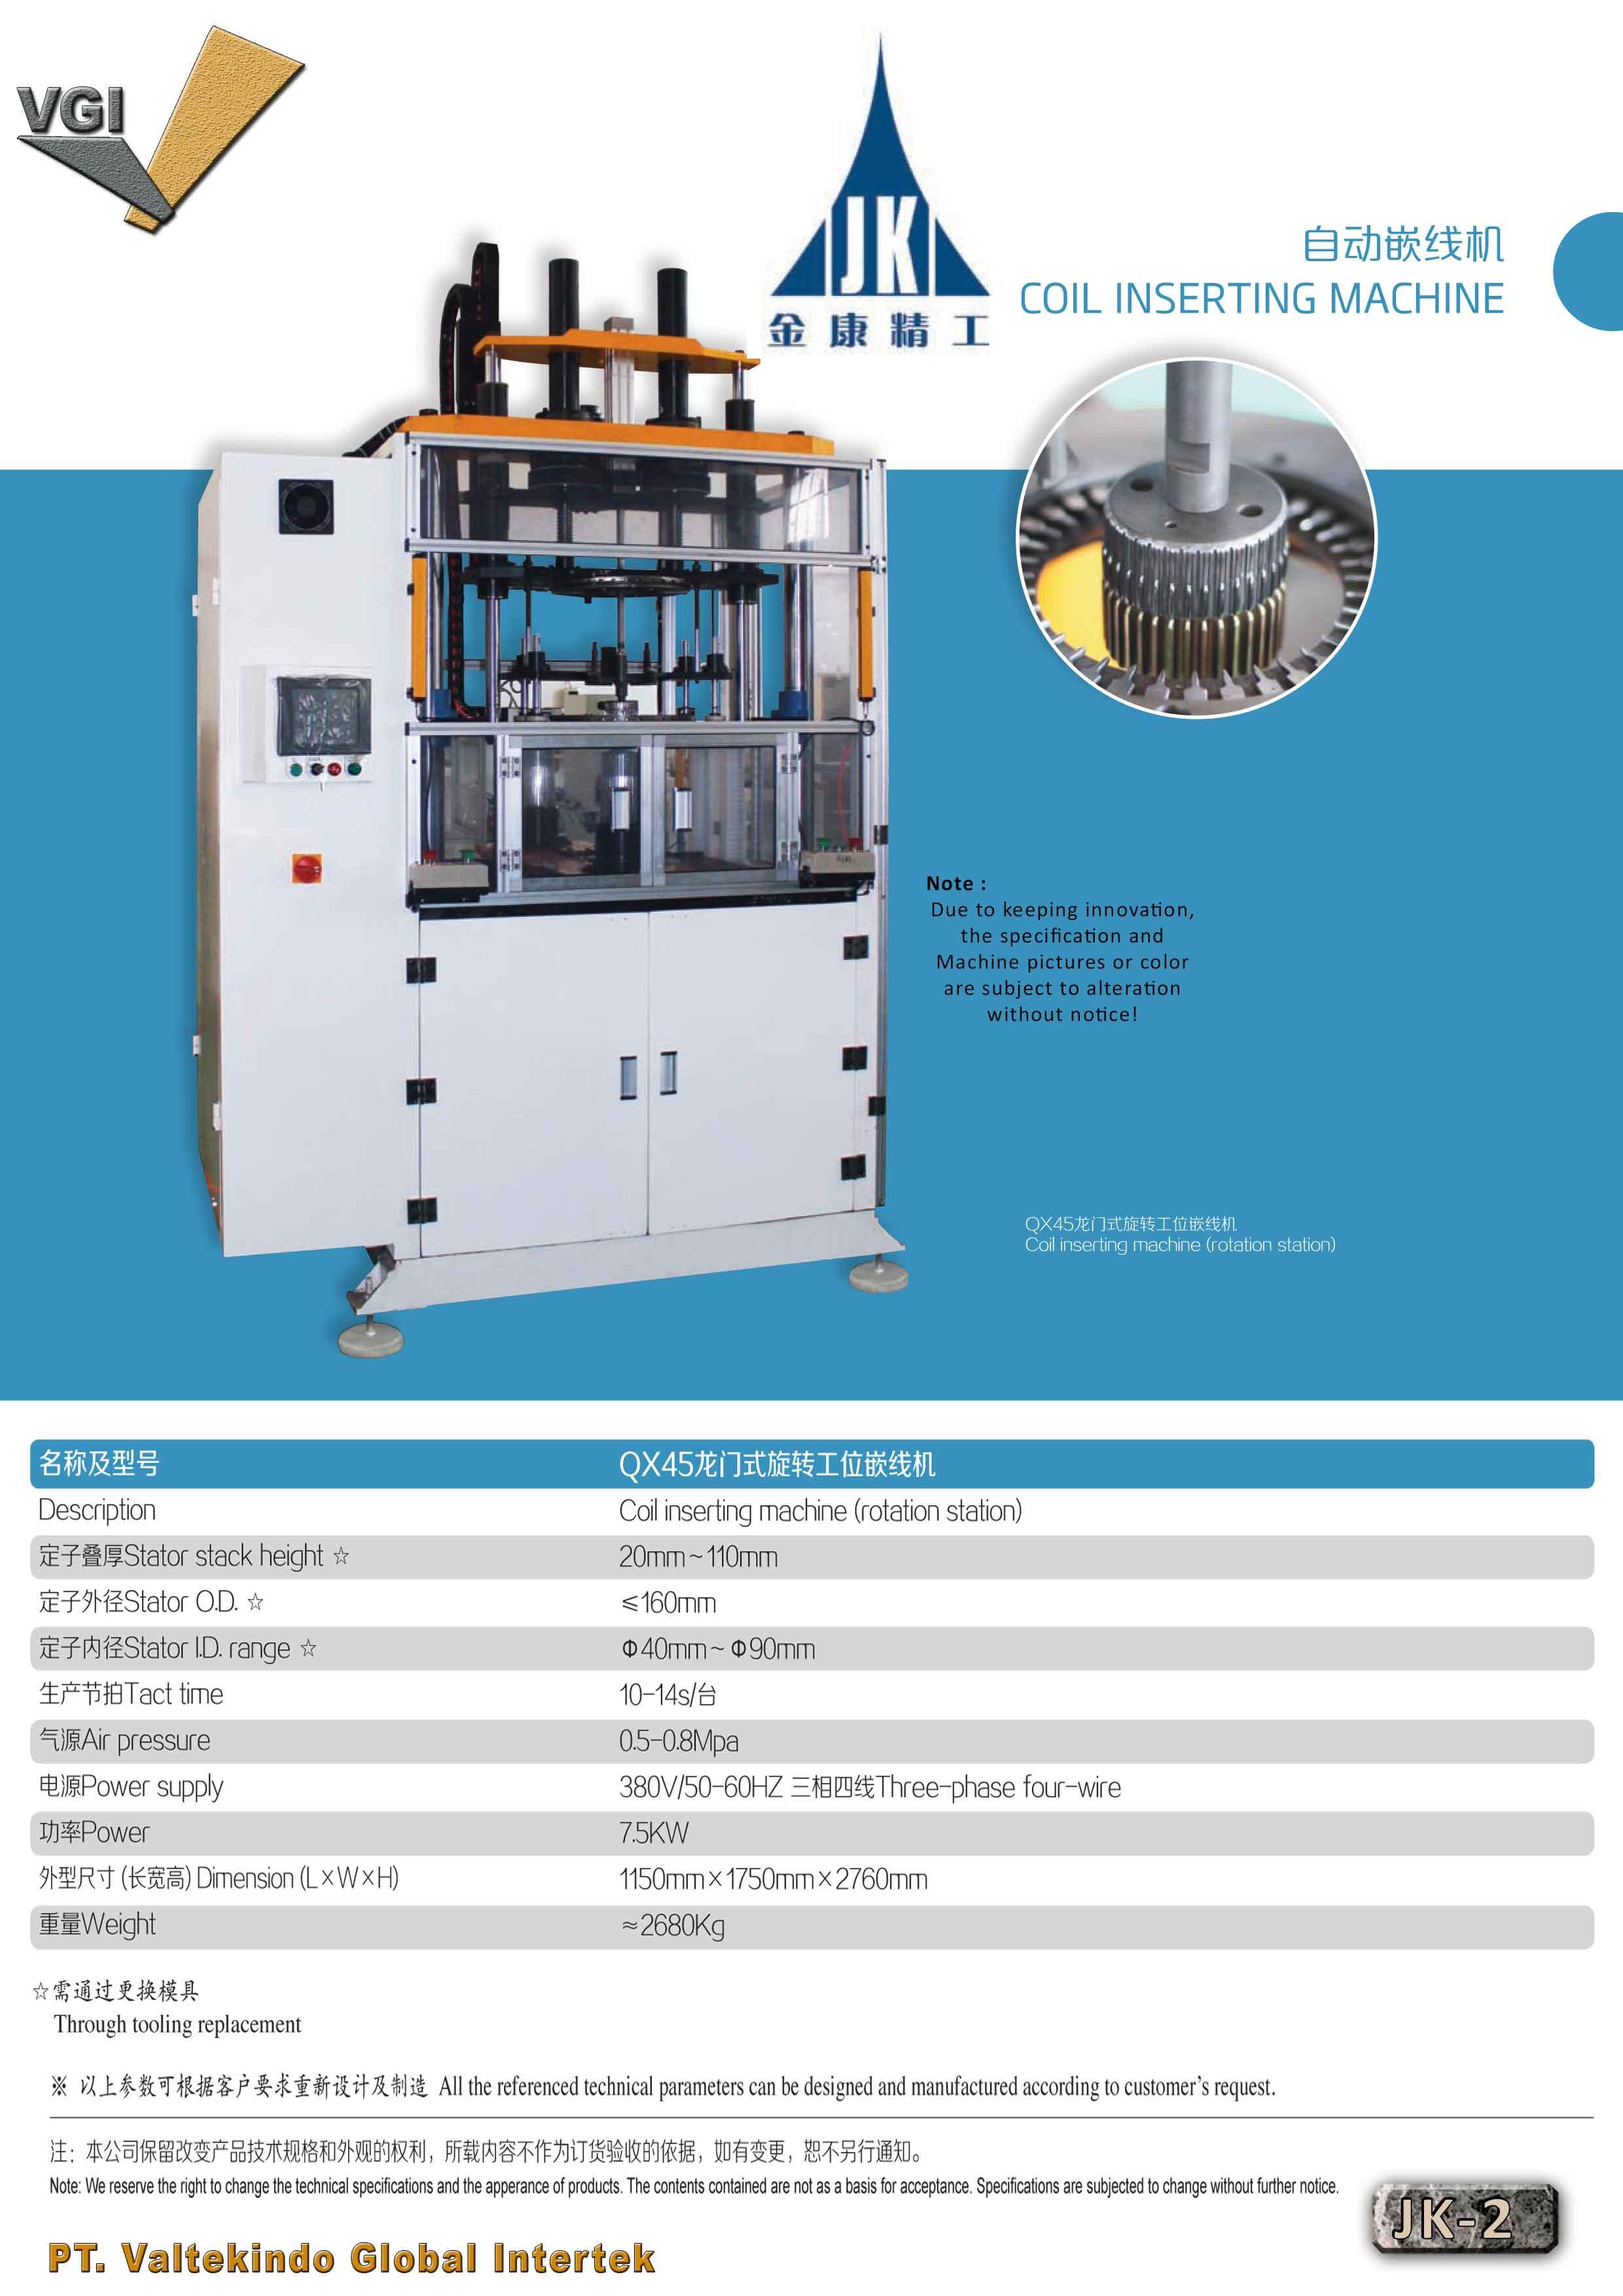 jual mesin Coil Inserting Machine (Rotation Station) Coil Inserting Machine (Rotation Station)